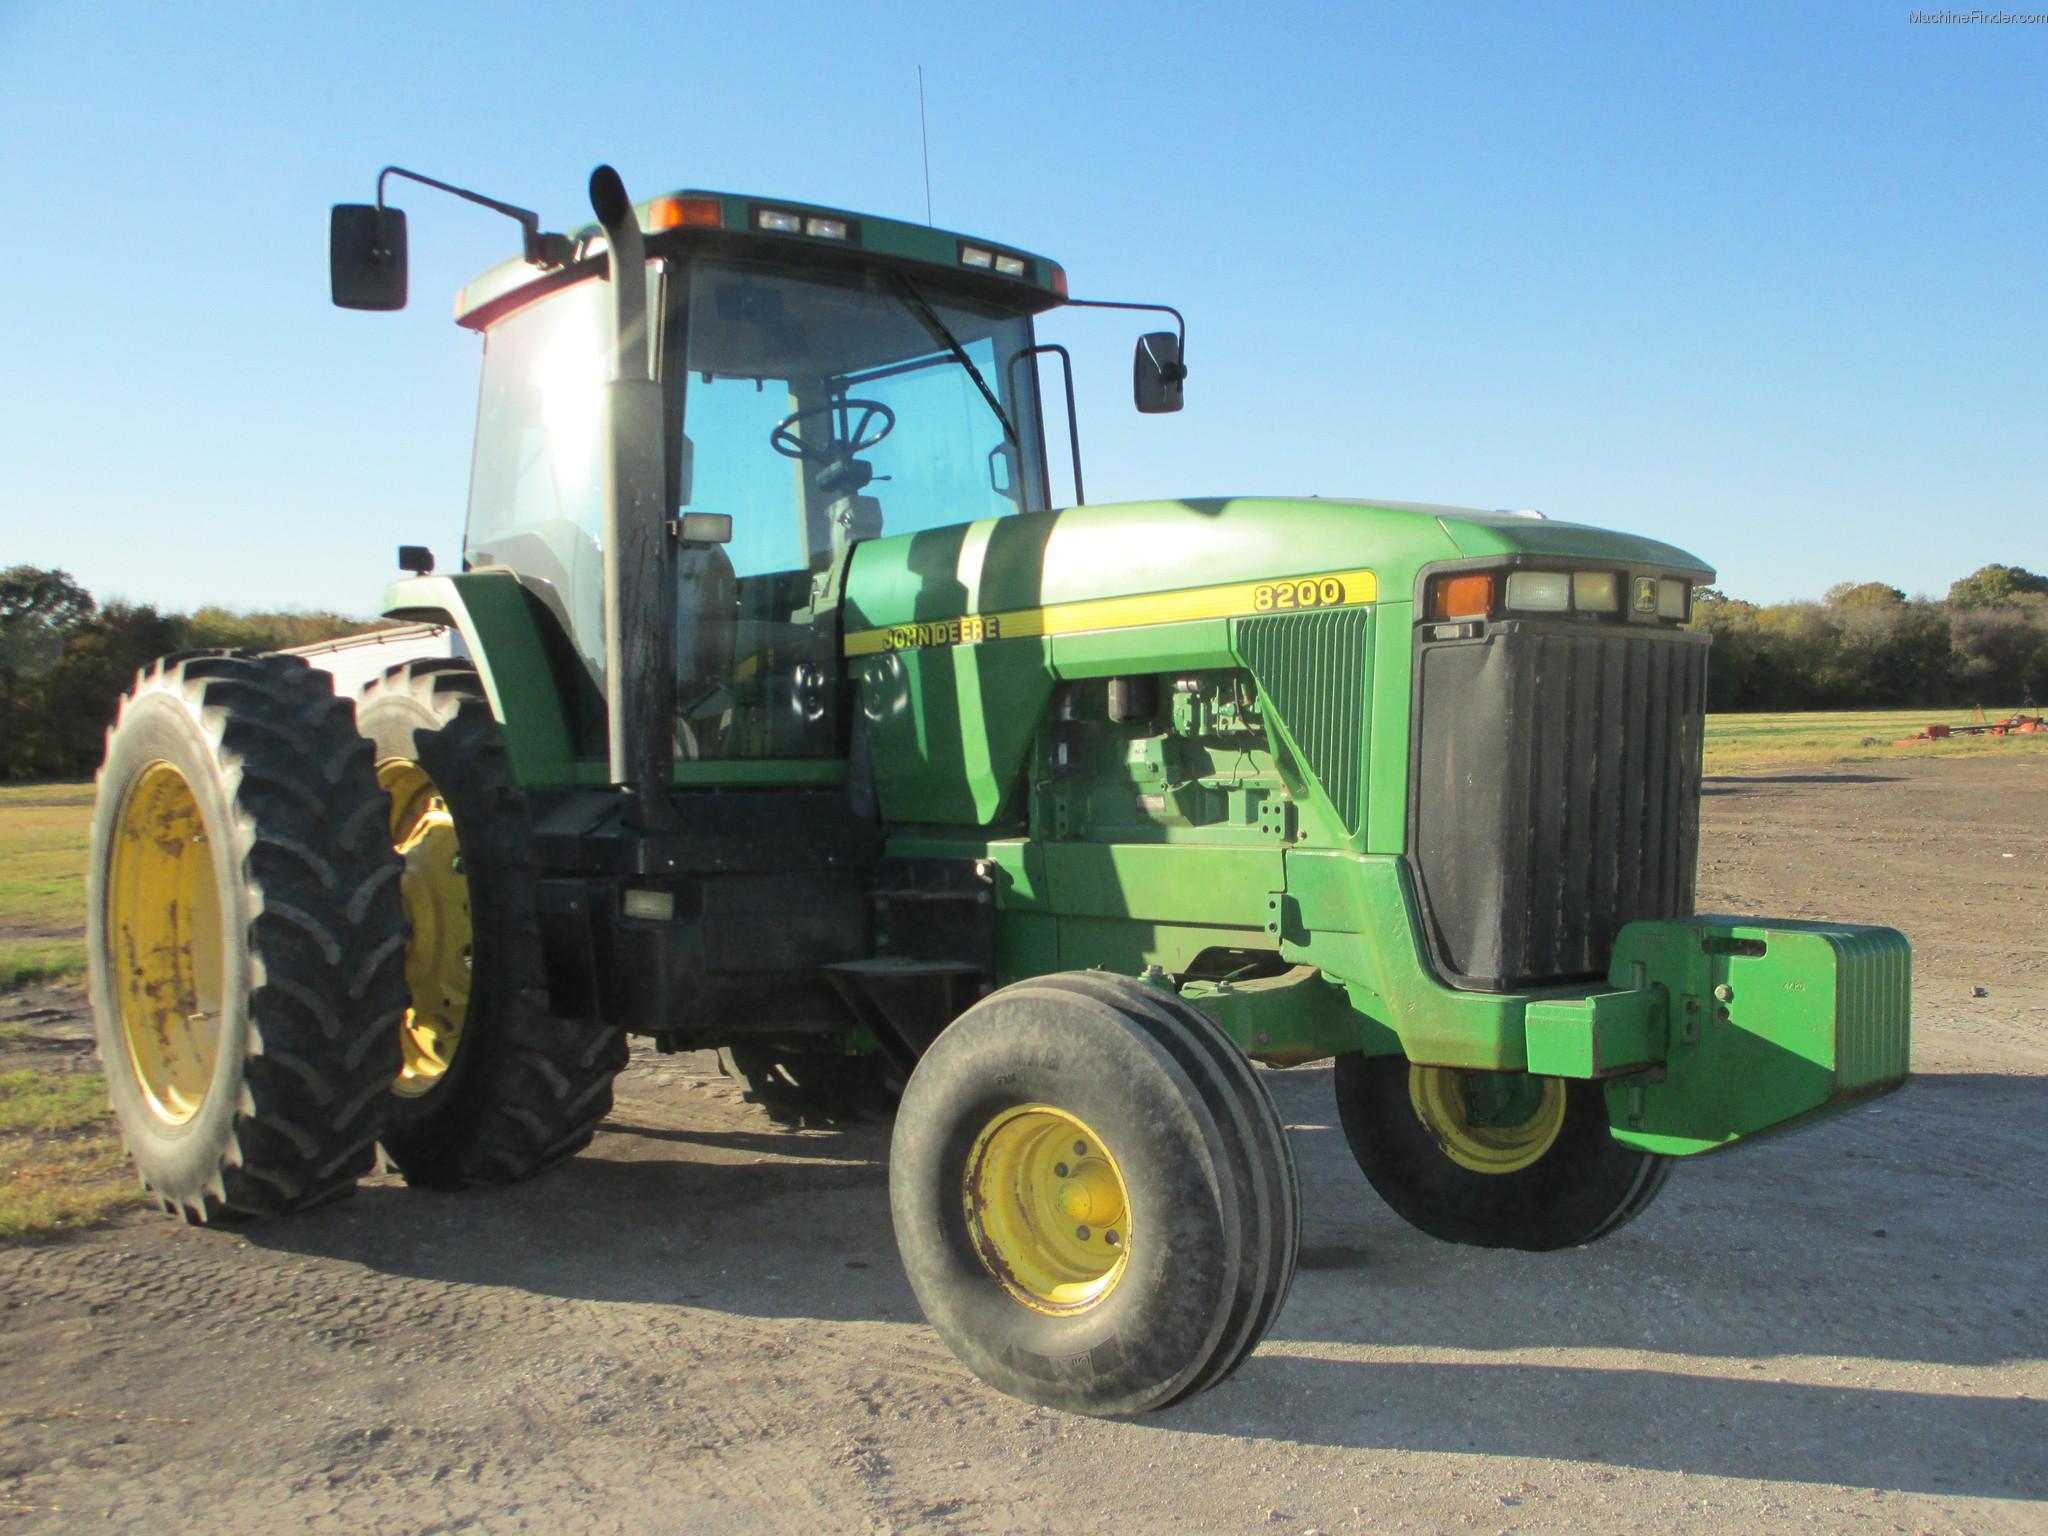 1998 John Deere 8200 Tractors - Row Crop (+100hp) - John ...